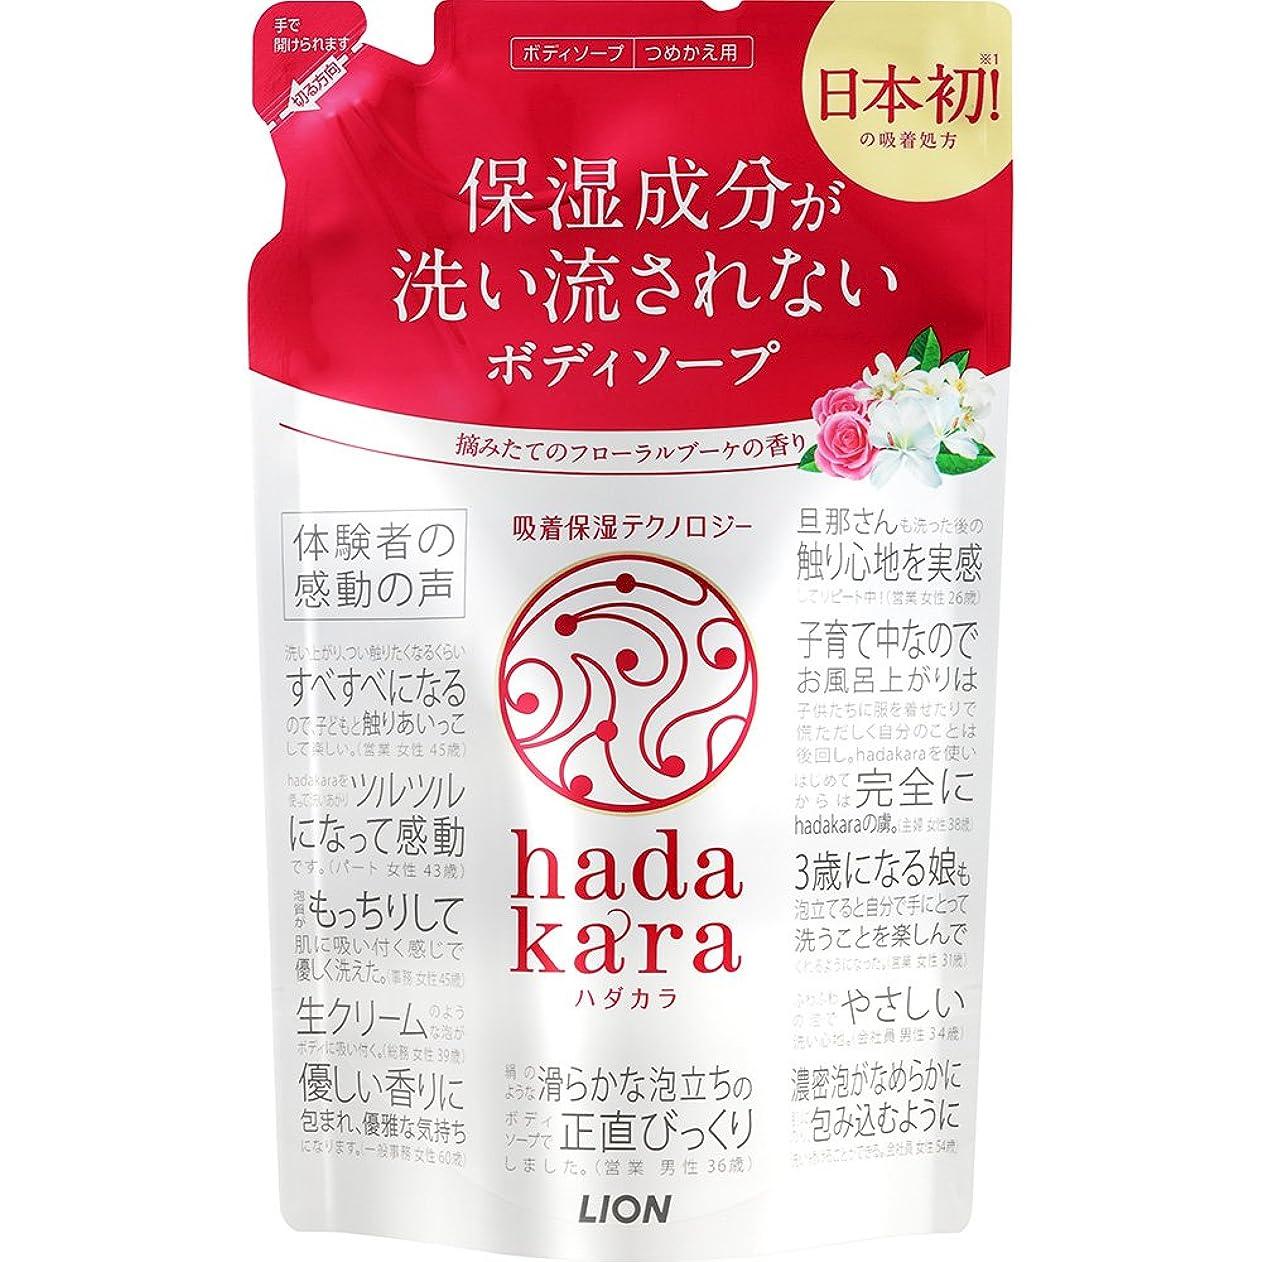 喜ぶスクランブル賛辞hadakara(ハダカラ) ボディソープ フローラルブーケの香り 詰め替え 360ml